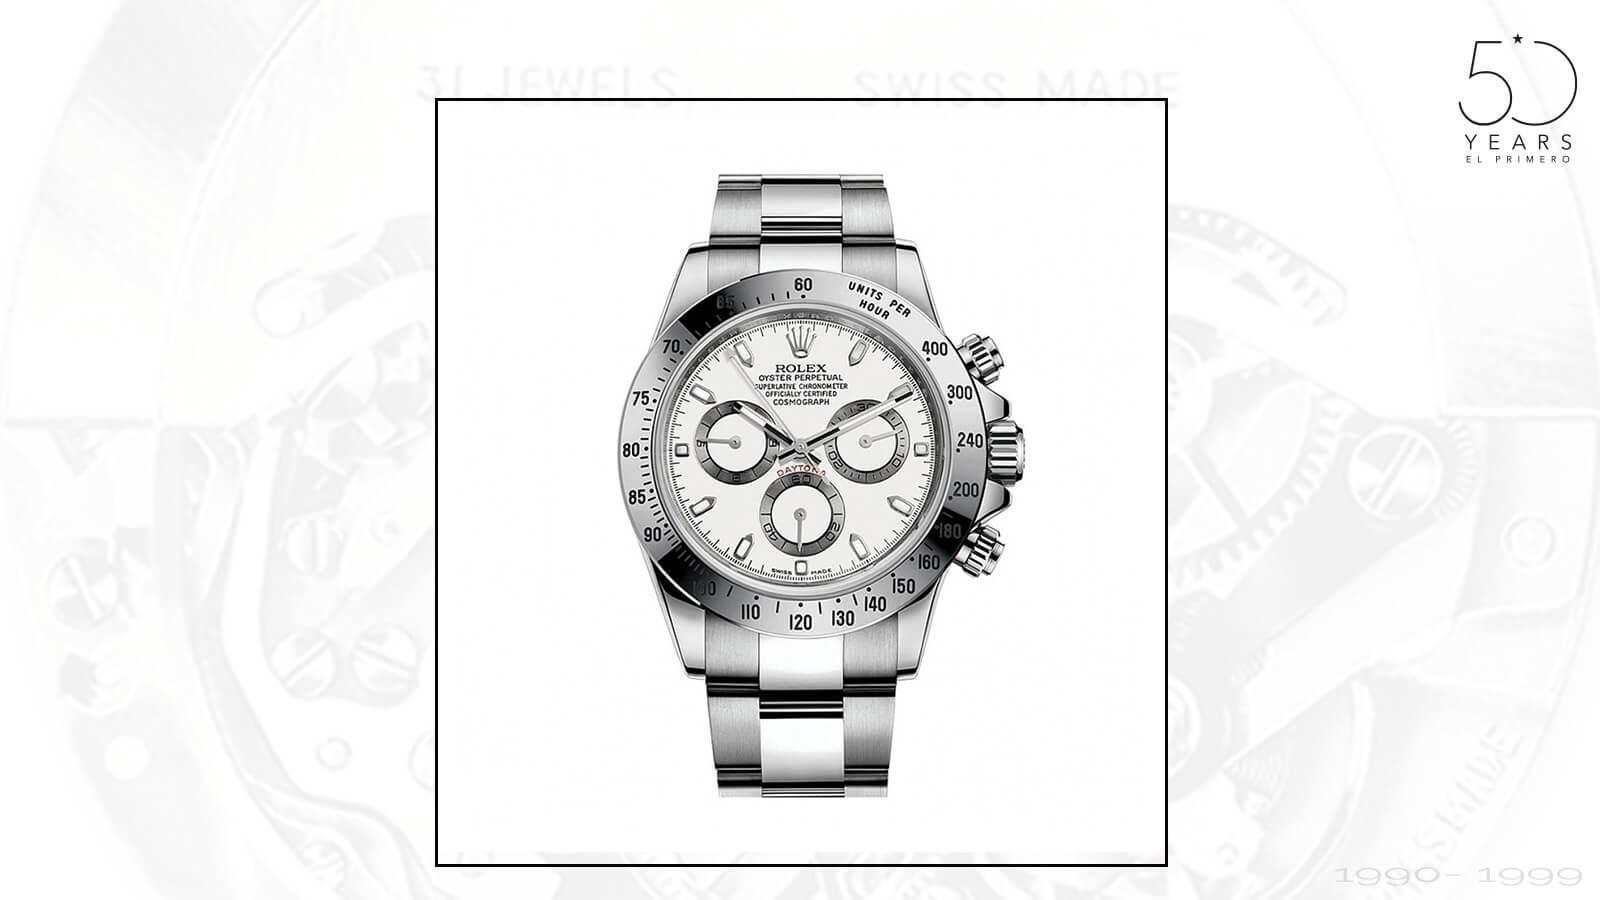 Rolex Daytona mit El Primero Kaliber von ZENITH